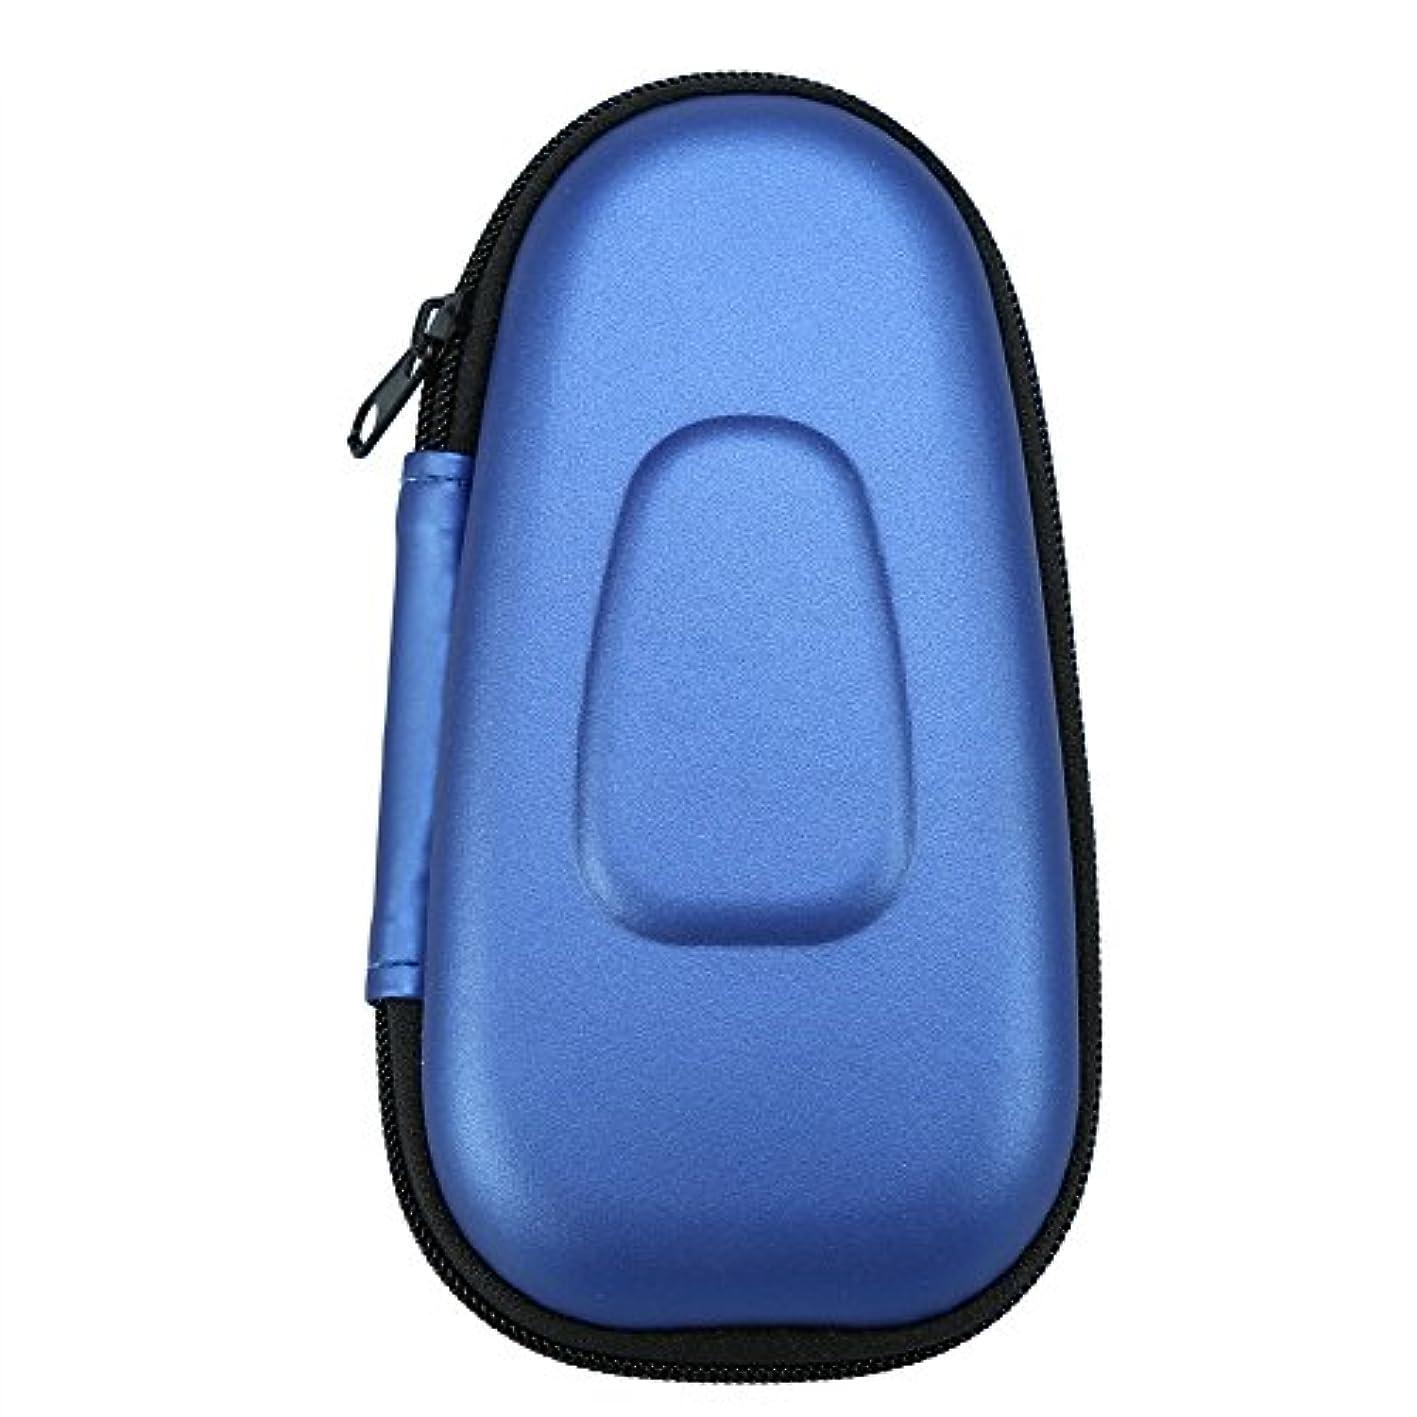 電気シェーバーケース、ダブルヘッドトリマーのための収納バッグケースポータブルトラベルシェーバーボックス、ユニバーサルウェットとドライシェーバーアクセサリー用男性(青)